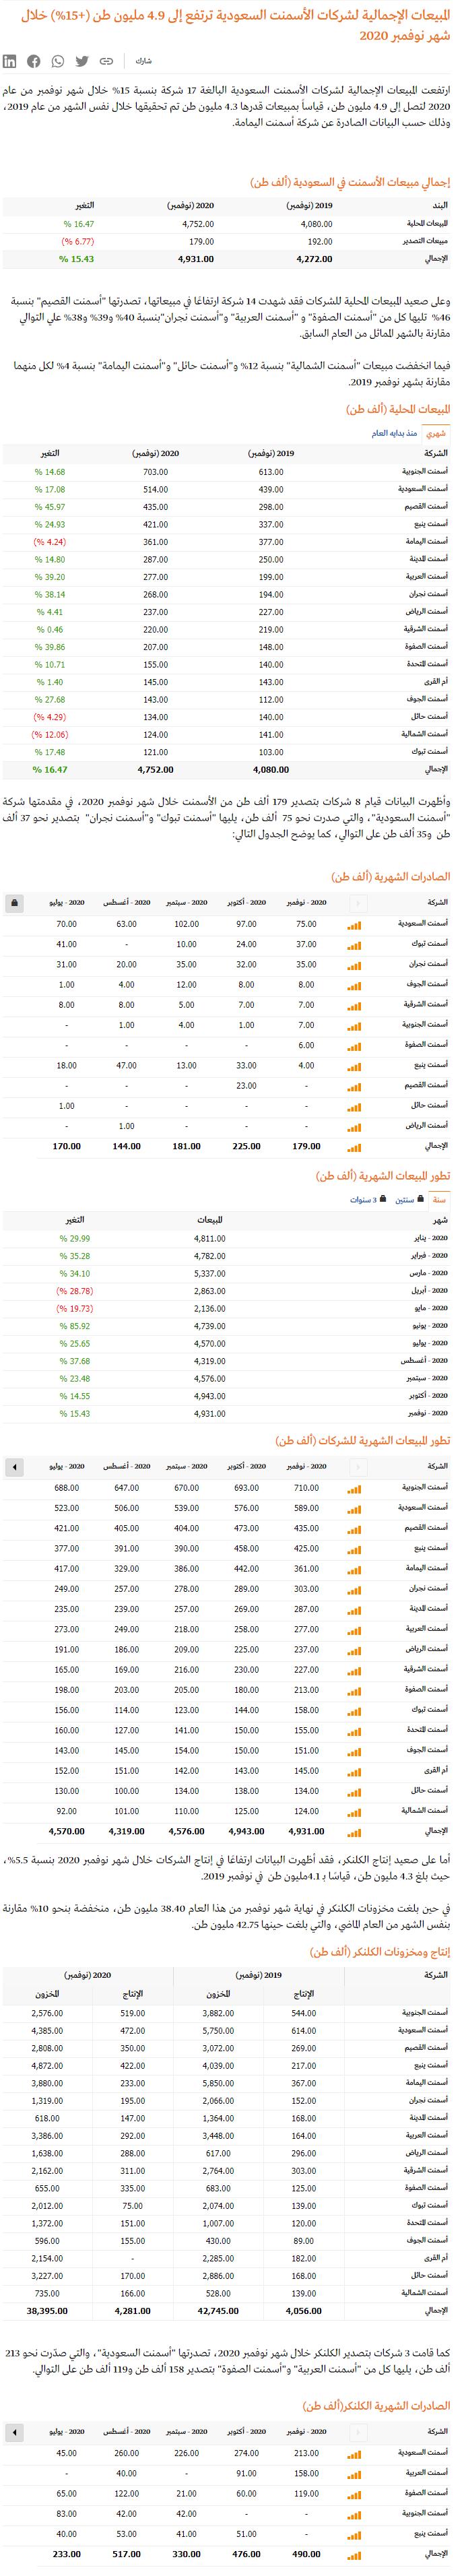 مبيعات شركات الاسمنت ترتفع إلى 4.9 مليون طن (+15%) خلال نوفمبر